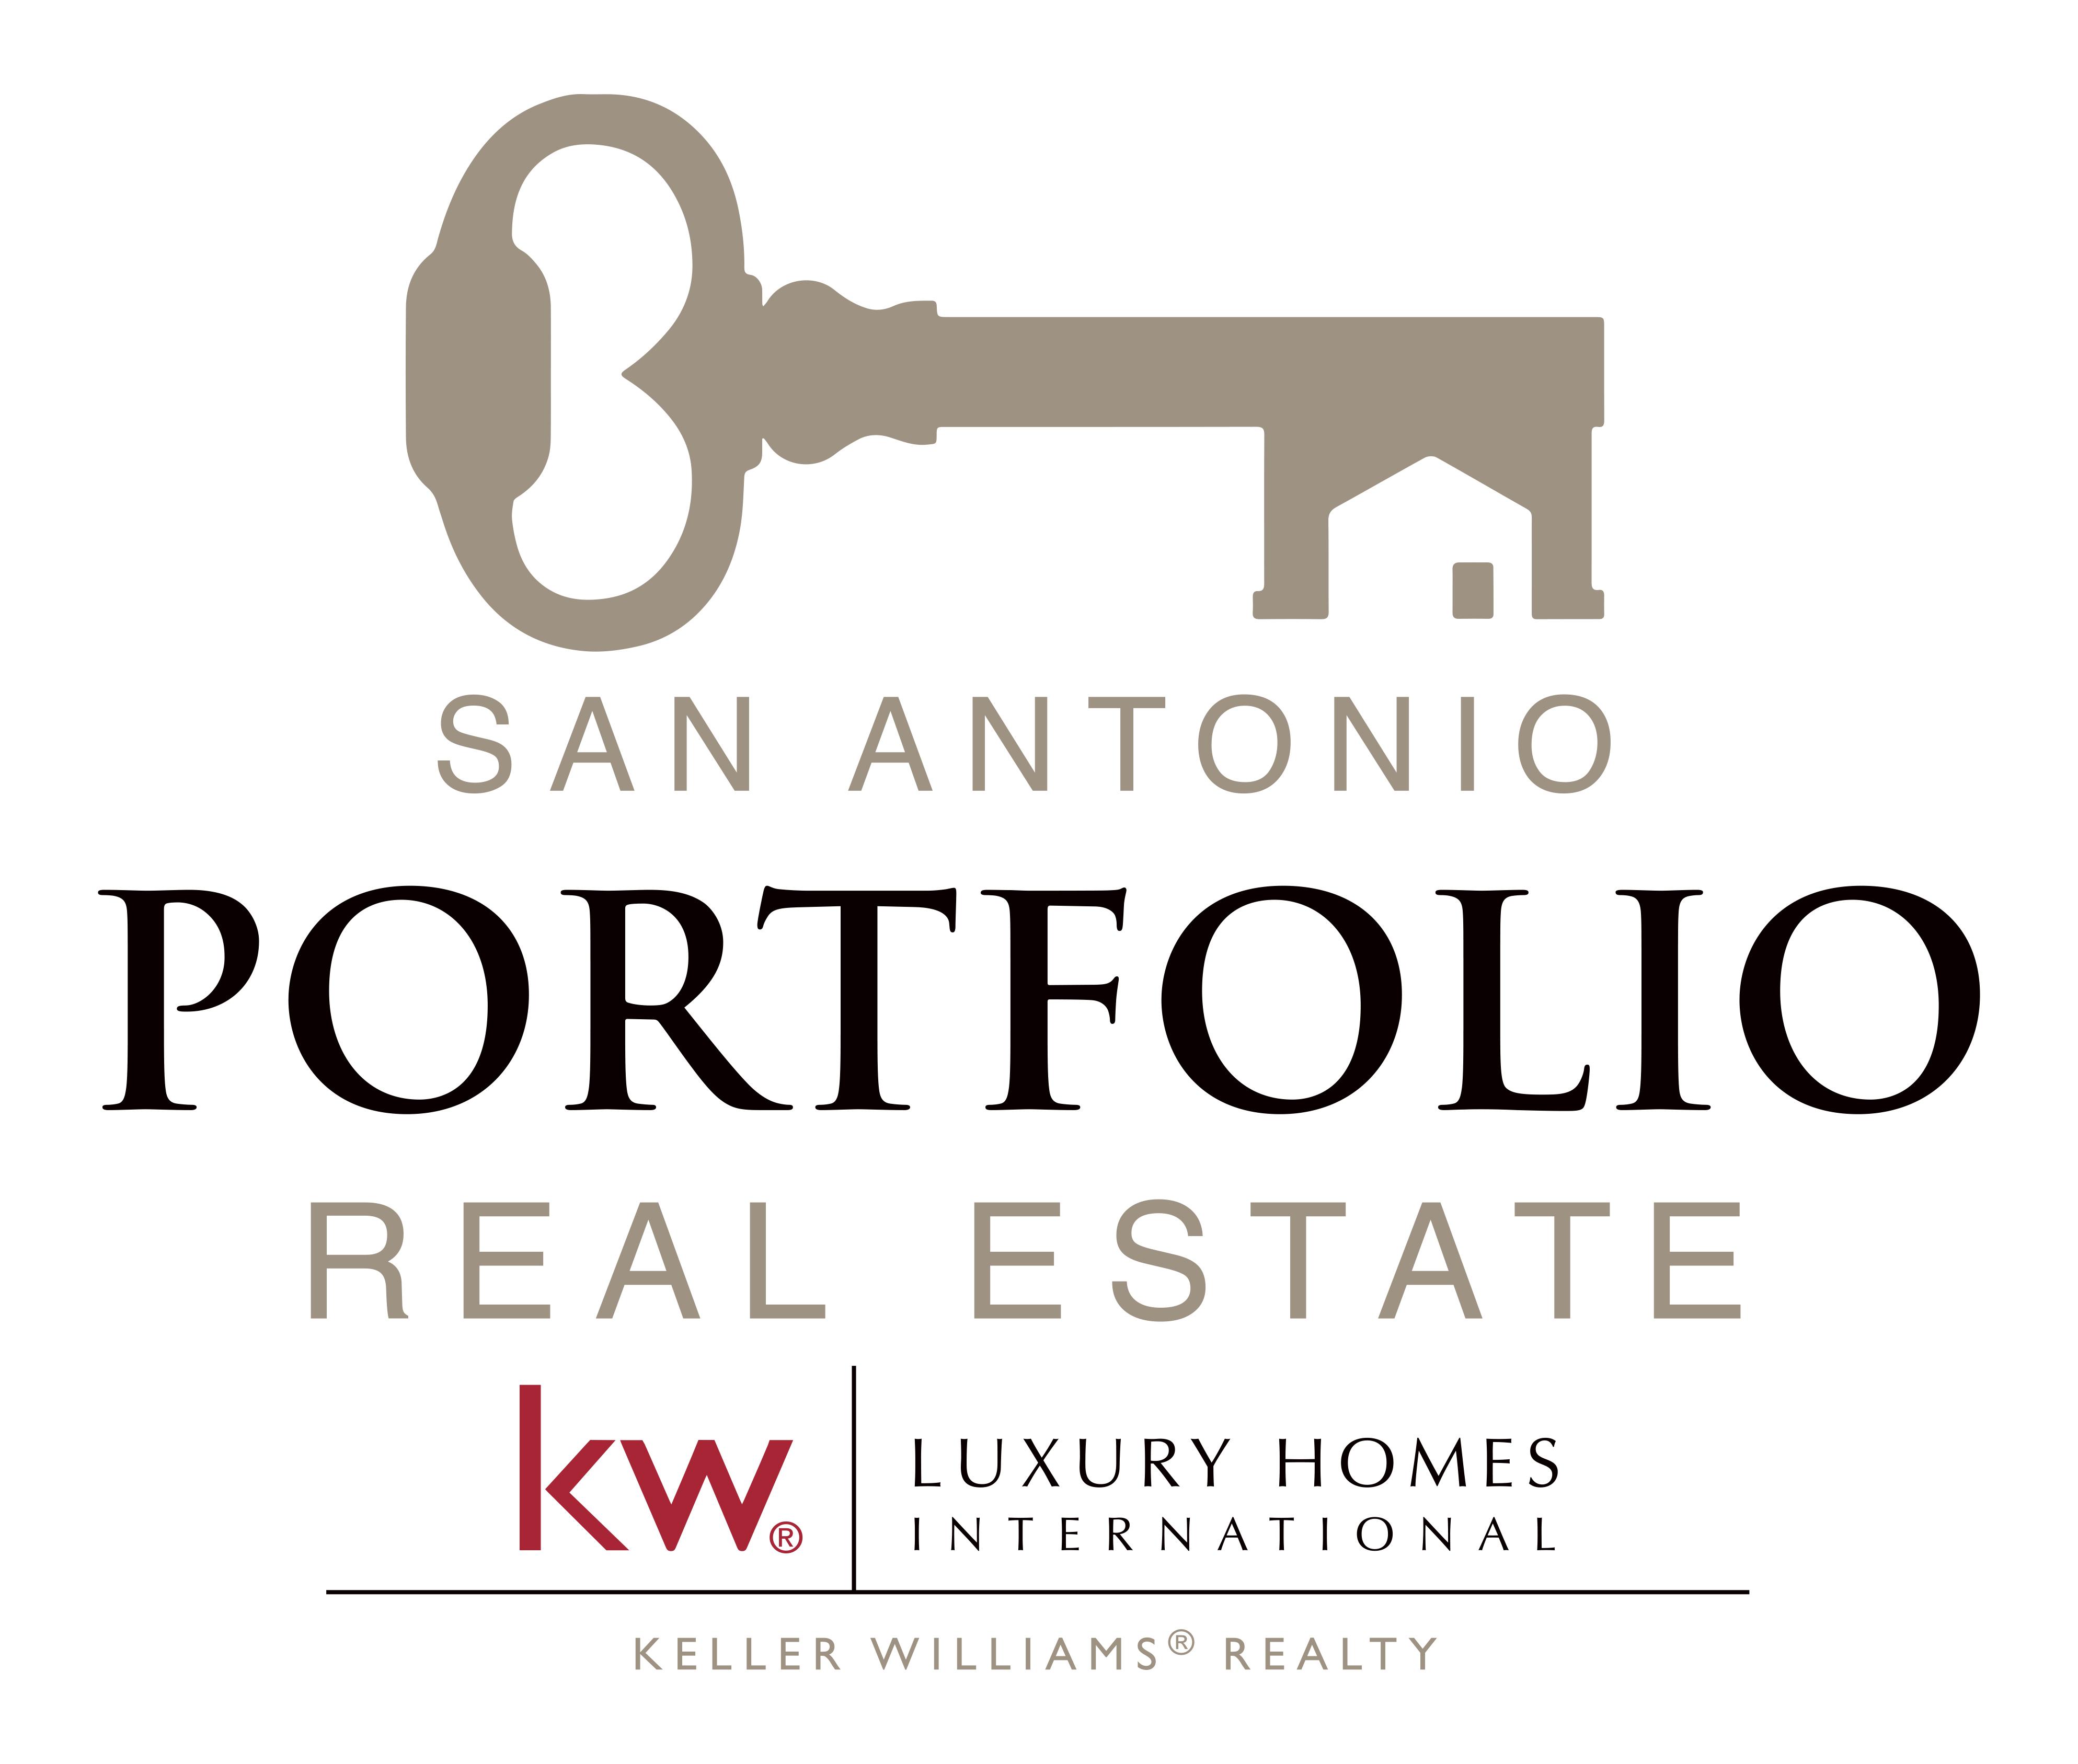 San Antonios Top Luxury Real Estate Predictions For 2015